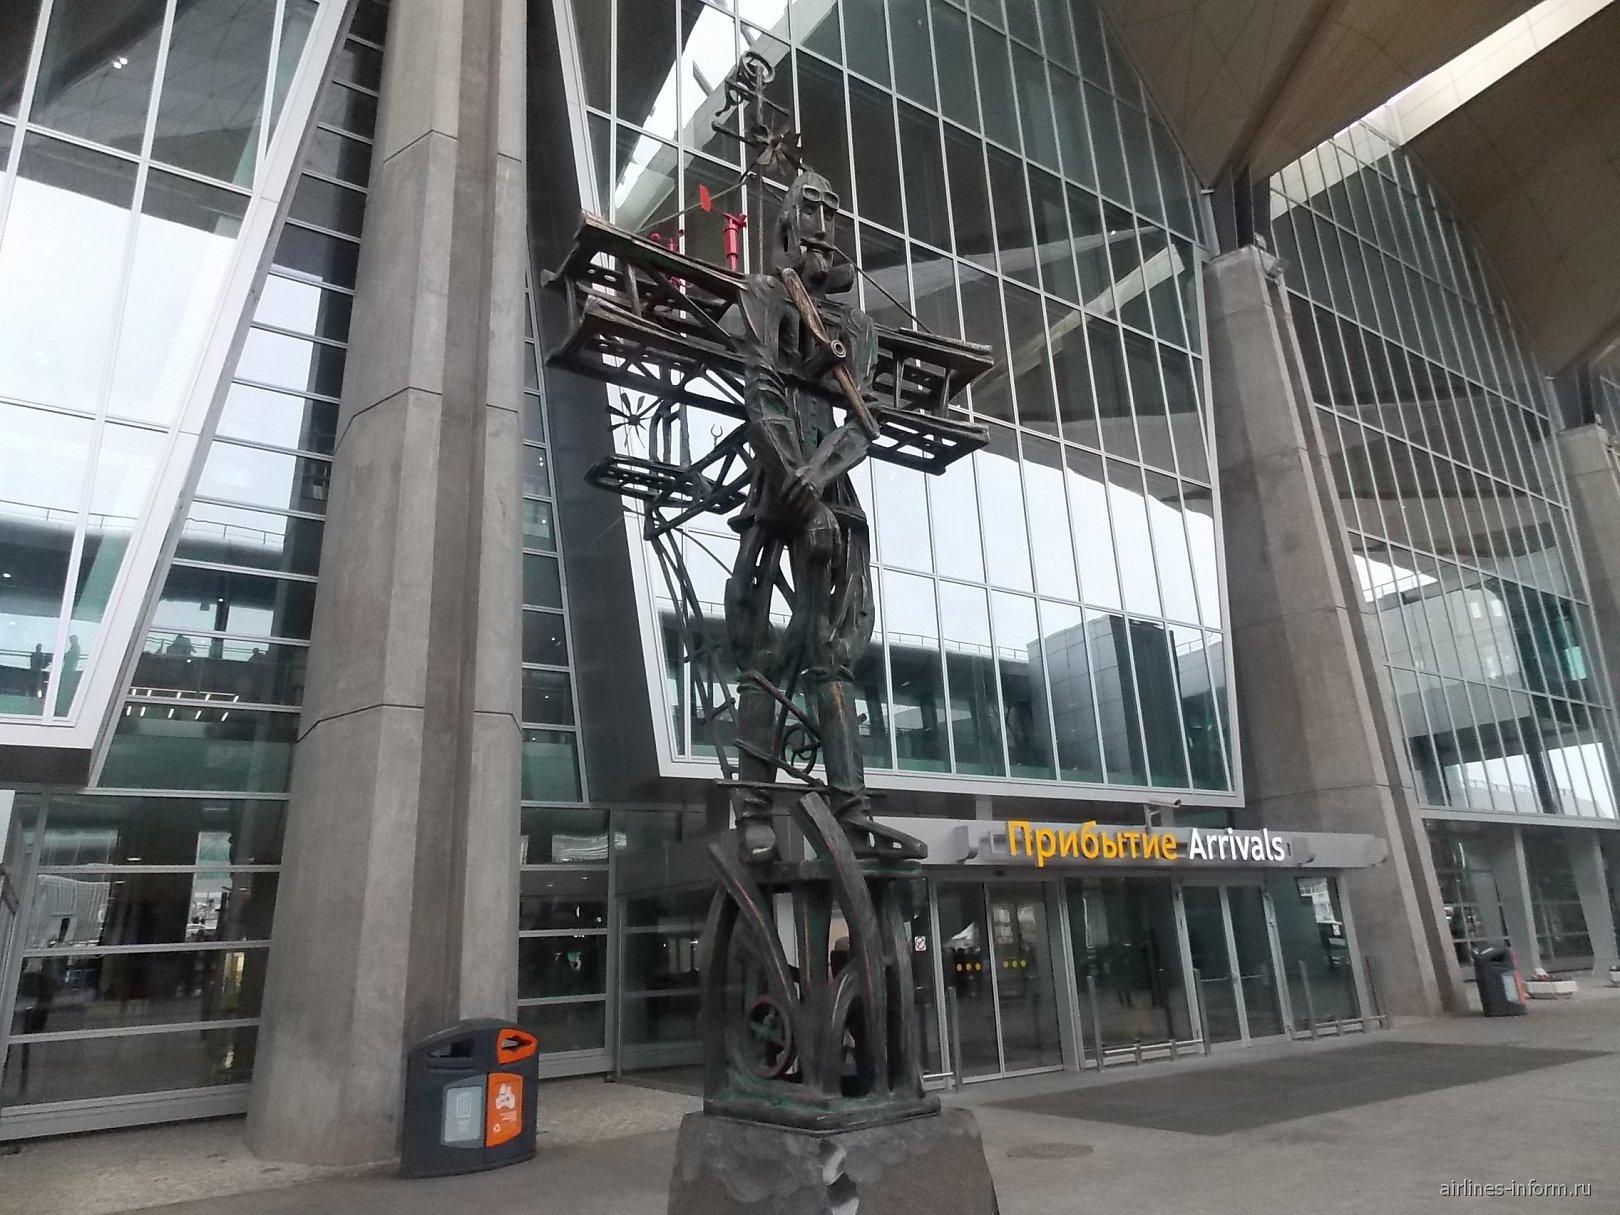 Скульптура у выхода из нового терминала аэропорта Пулково